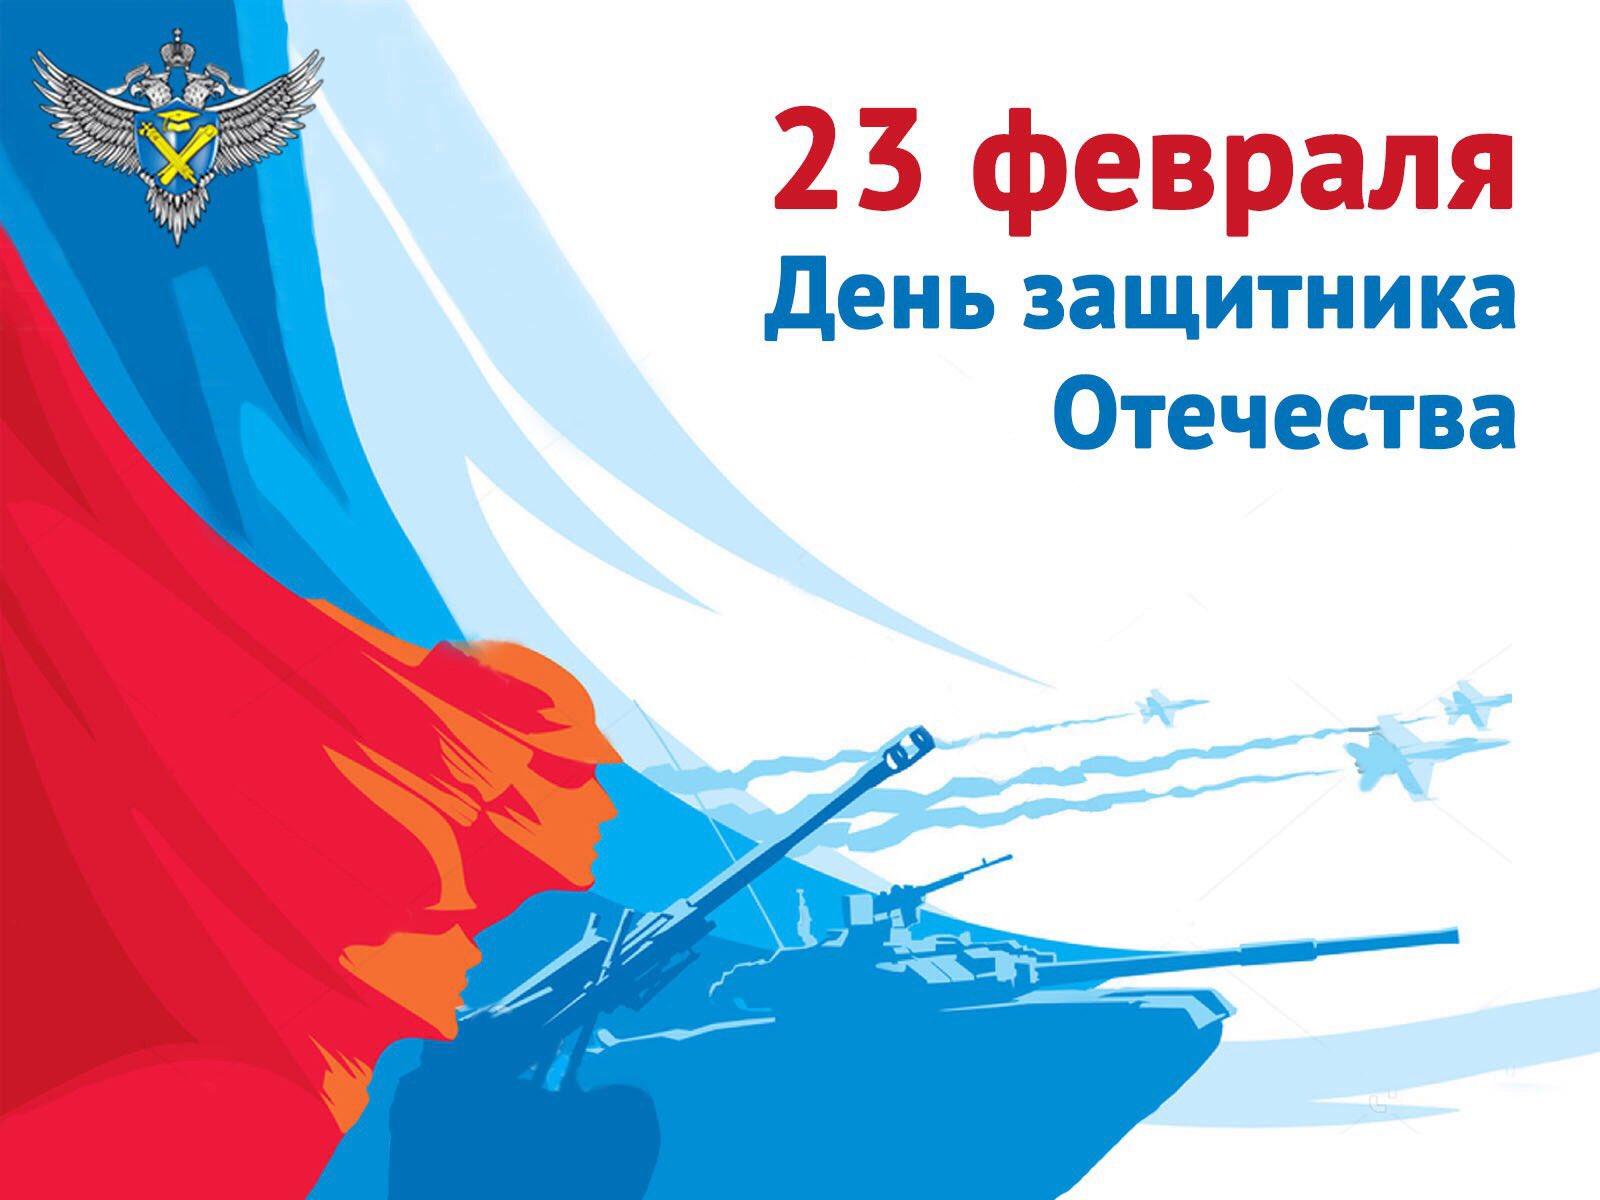 Открытка поздравление с днем защитника отечества от единой россии, друзья прикольные